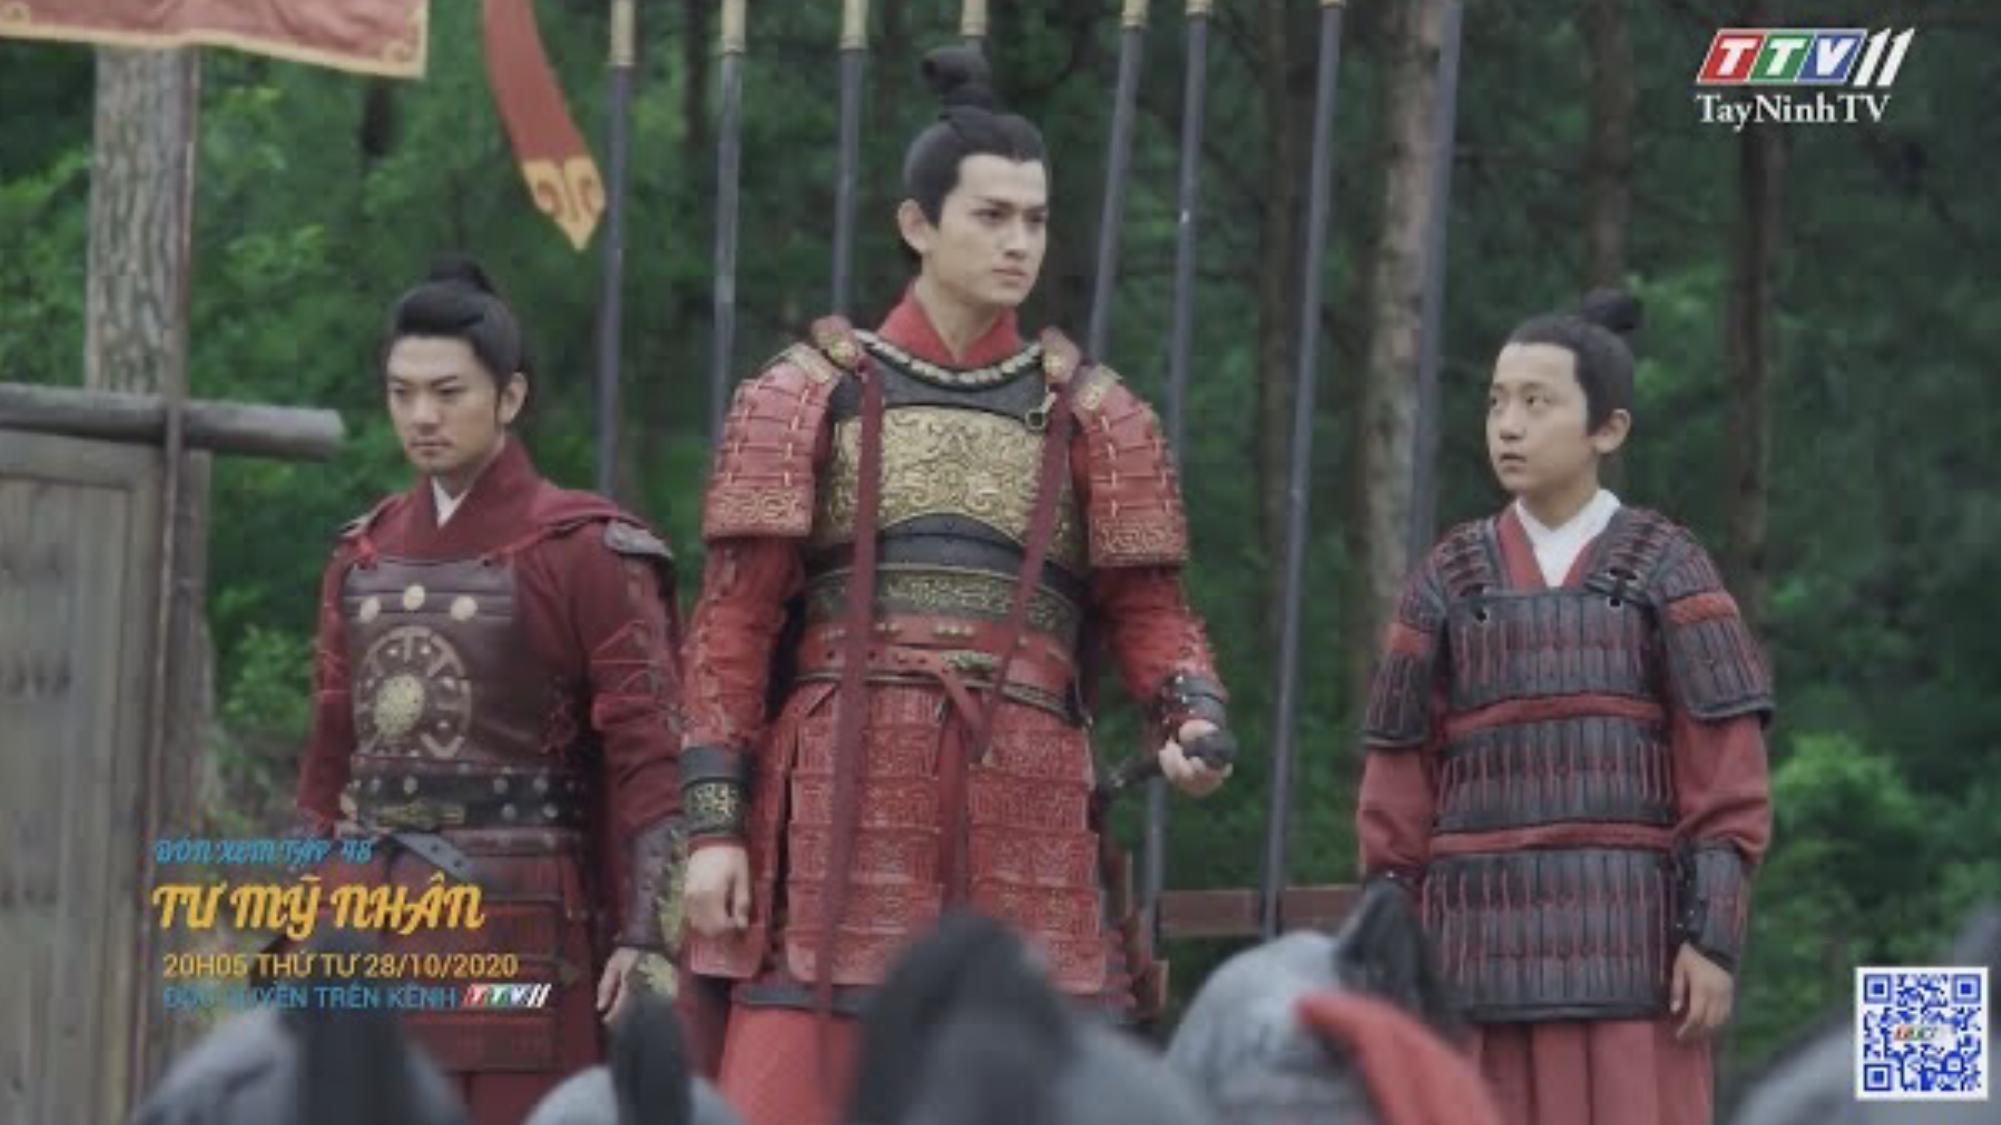 Tư mỹ nhân-TẬP 48 trailer | PHIM TƯ MỸ NHÂN | TayNinhTV